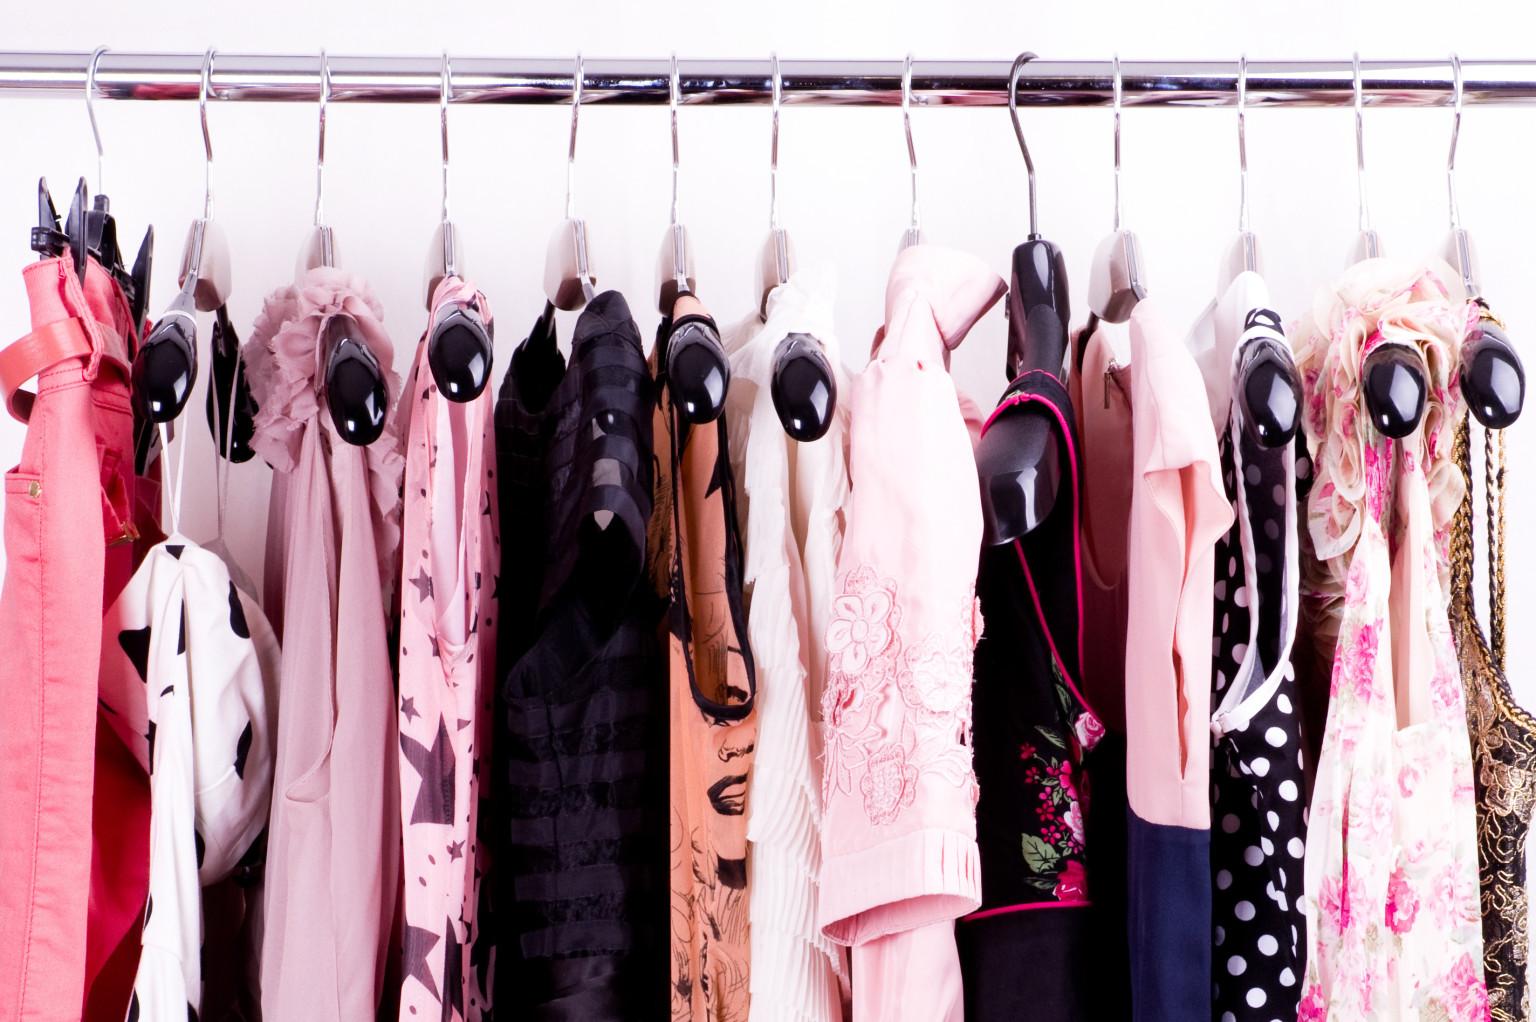 Rezultate imazhesh për hanged clothes